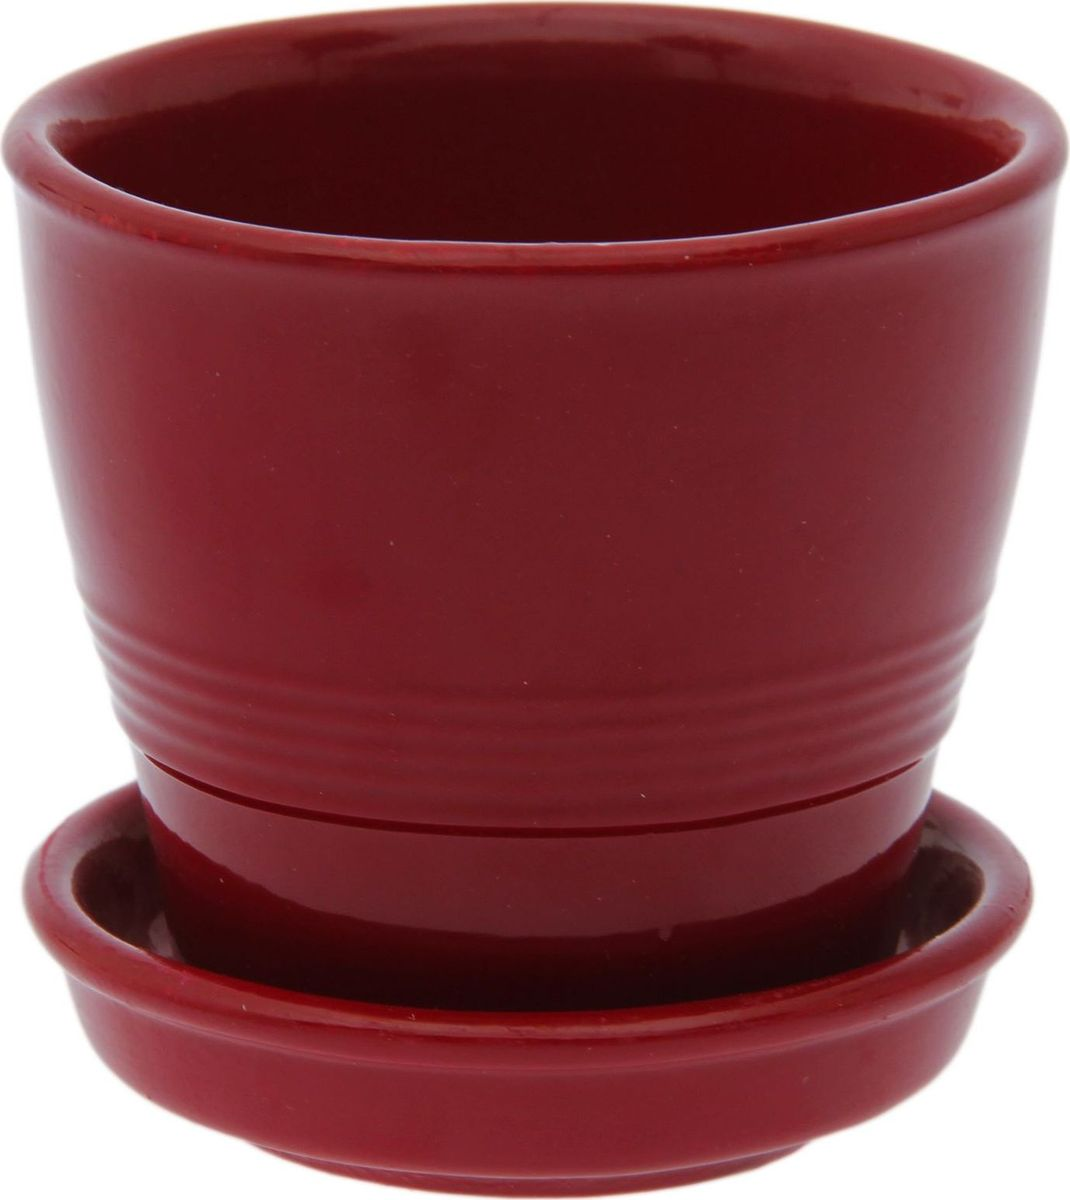 Кашпо Керамика ручной работы Ведро, цвет: бордовый, 0,23 л1498148Комнатные растения - всеобщие любимцы. Они радуют глаз, насыщают помещение кислородом и украшают пространство. Каждому из них необходим свой удобный и красивый дом.Кашпо из керамики прекрасно подходит для высадки растений:за счёт пластичности глины и разных способов обработки существует великое множество форм и дизайнов; пористый материал позволяет испаряться лишней влаге; воздух, необходимый для дыхания корней, проникает сквозь керамические стенки.Кашпо для цветов освежит интерьер и подчеркнёт его стиль.